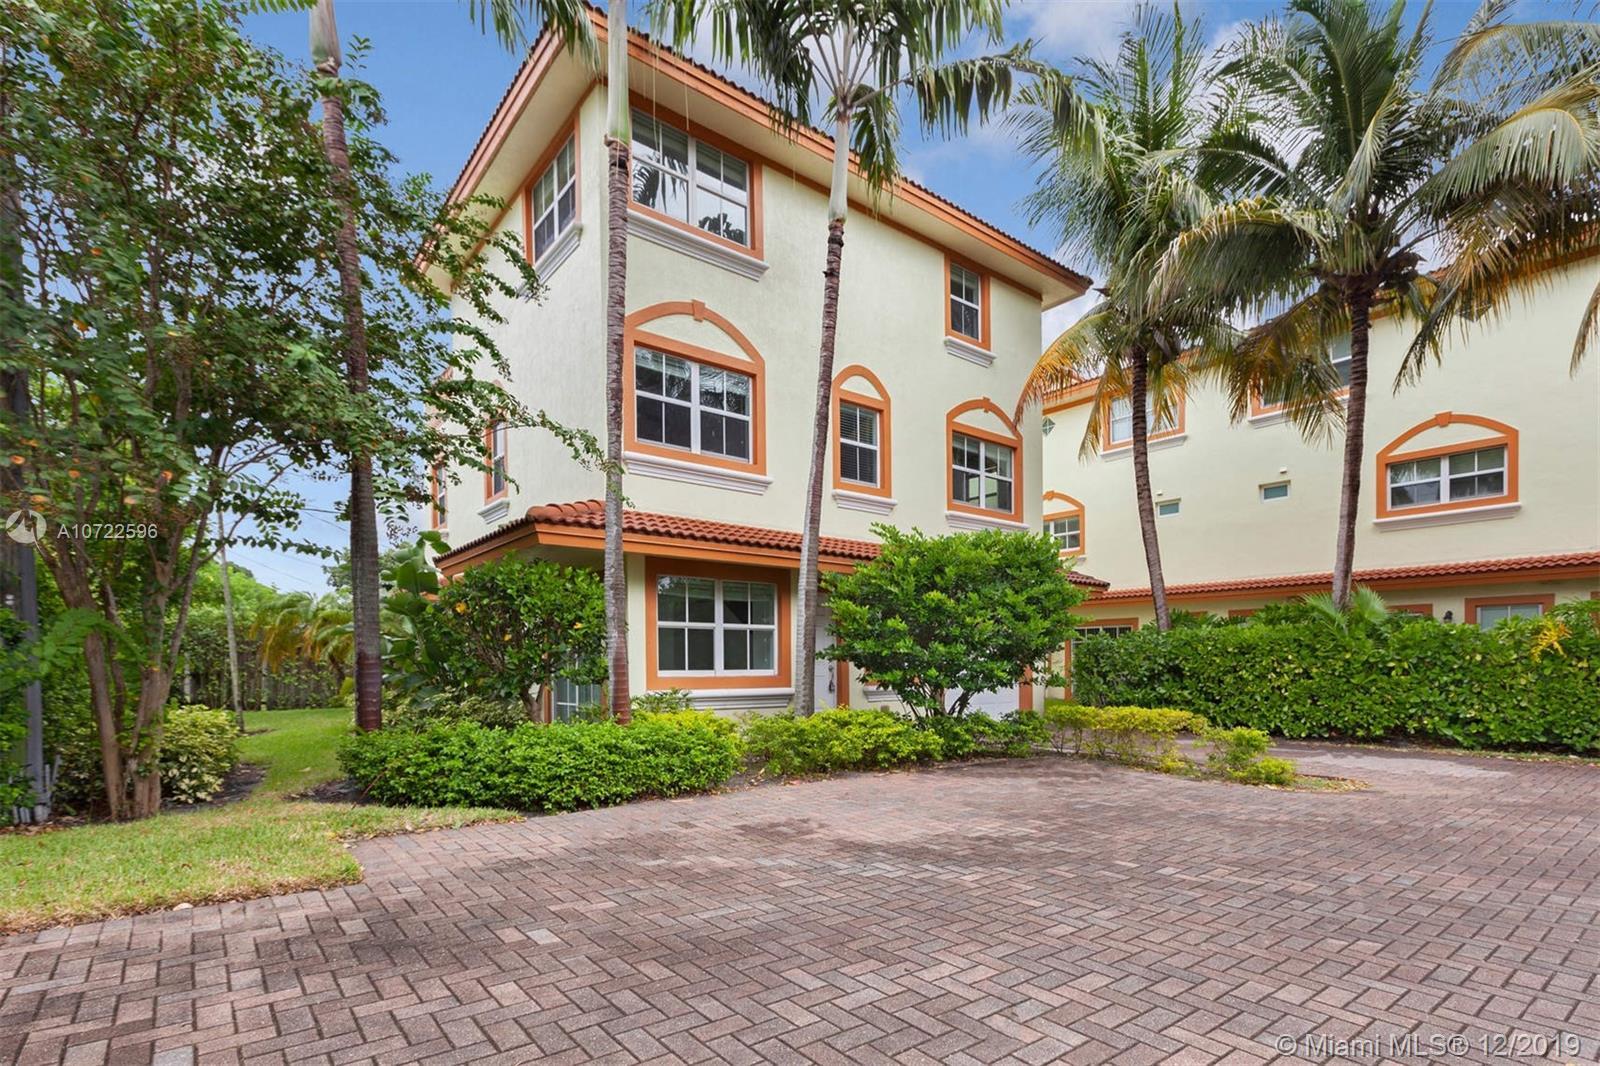 625 NE 8th Ave #2 For Sale A10722596, FL